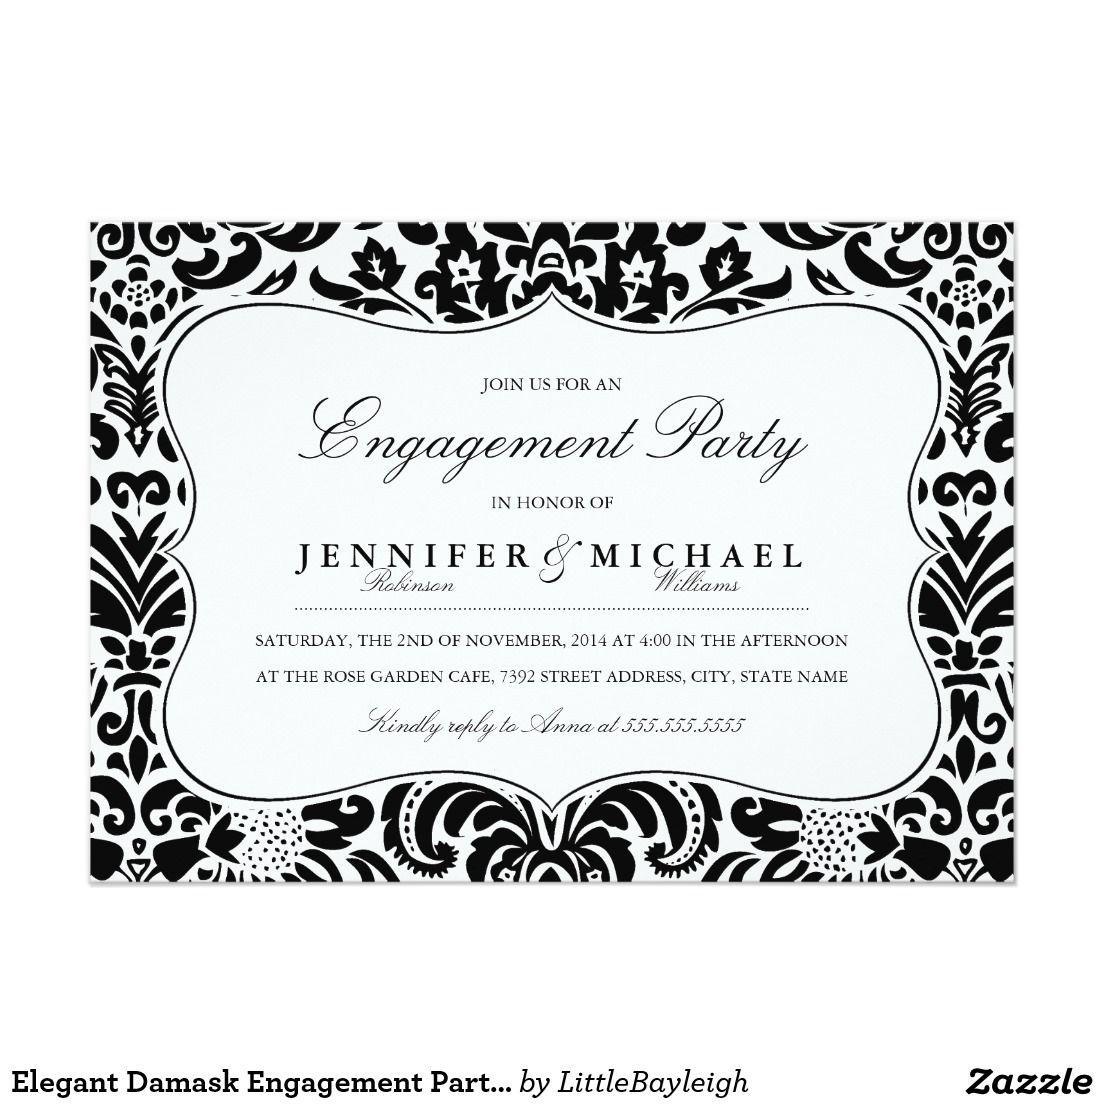 Elegant Damask Engagement Party Invitation | Engagement party ...